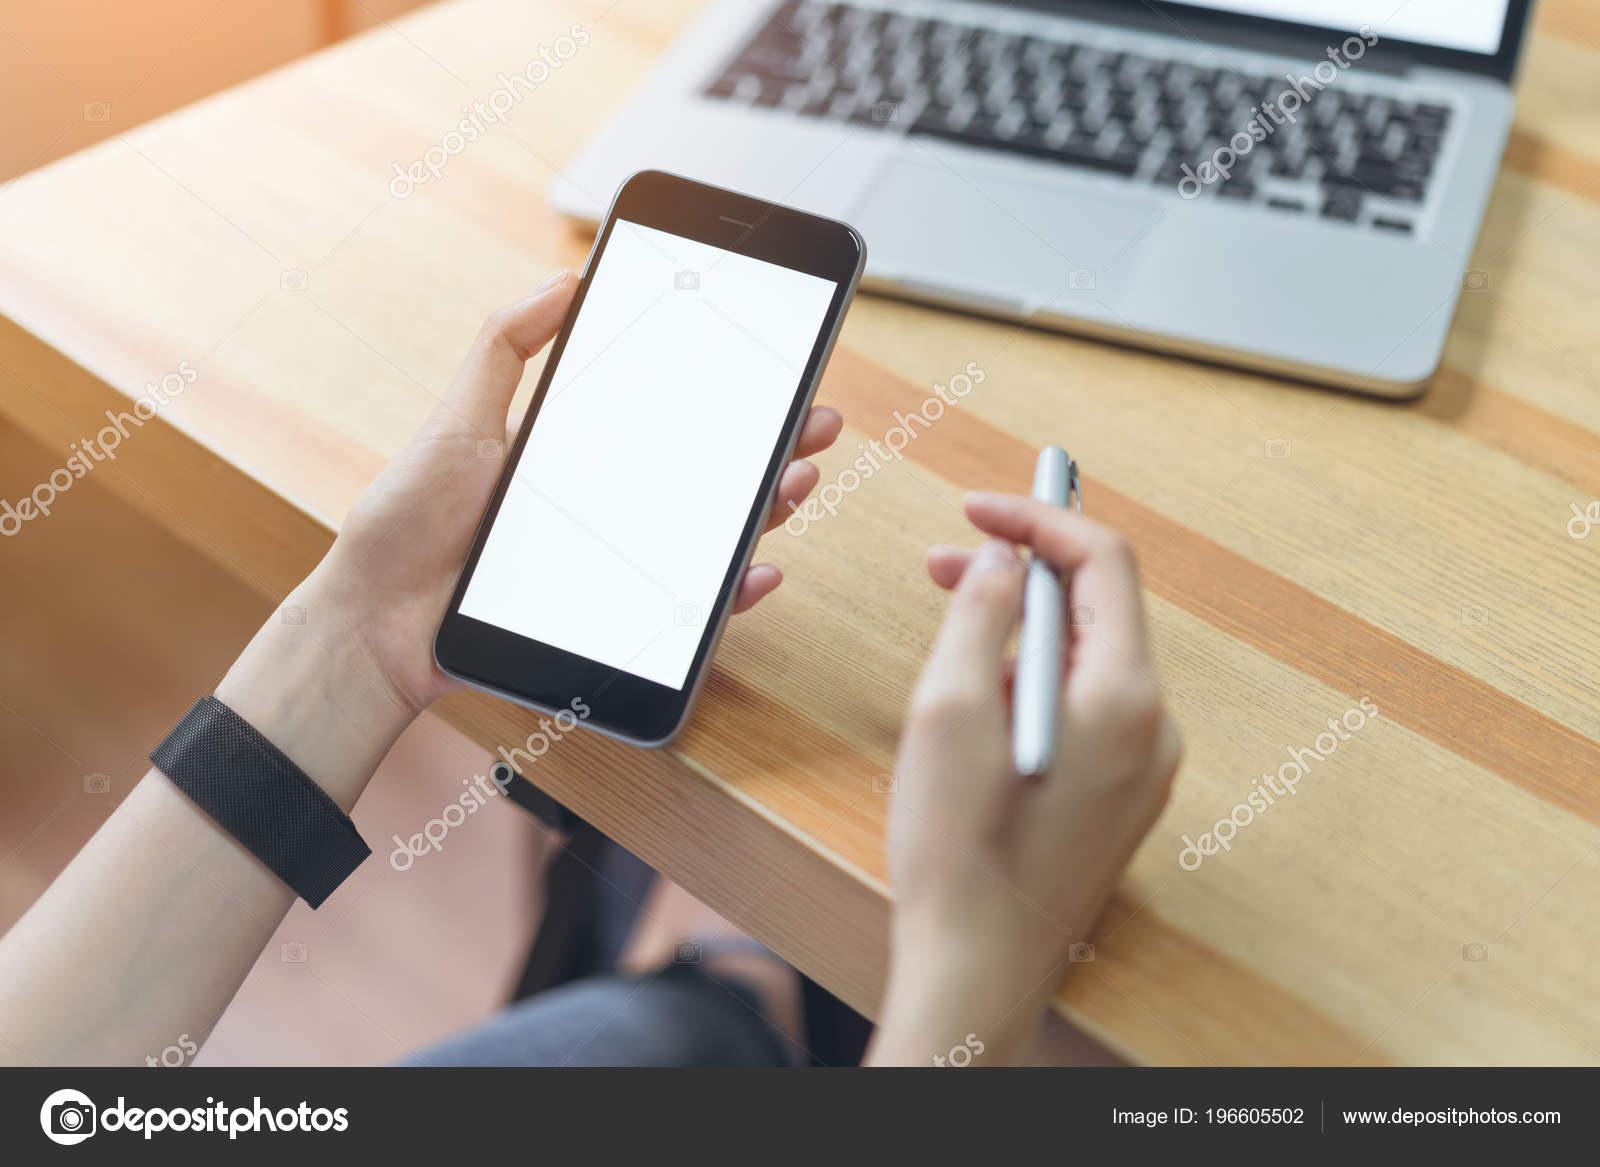 frau h lt smartphone und laptop tisch b roraum unter windows mit stockfoto kamachi 196605502. Black Bedroom Furniture Sets. Home Design Ideas